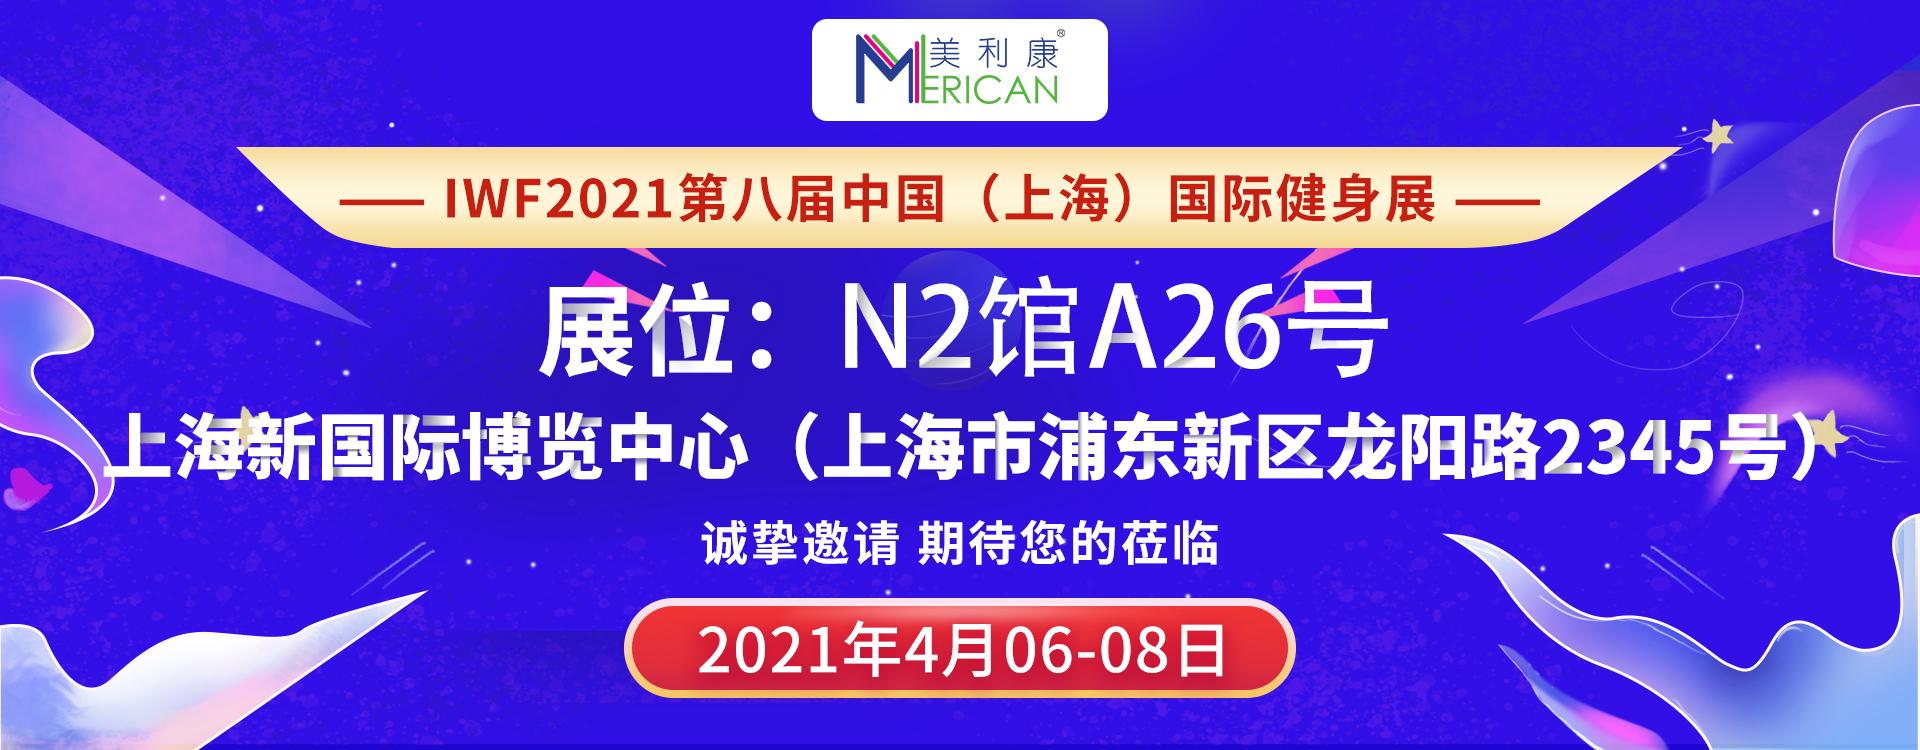 IWF上海健身展